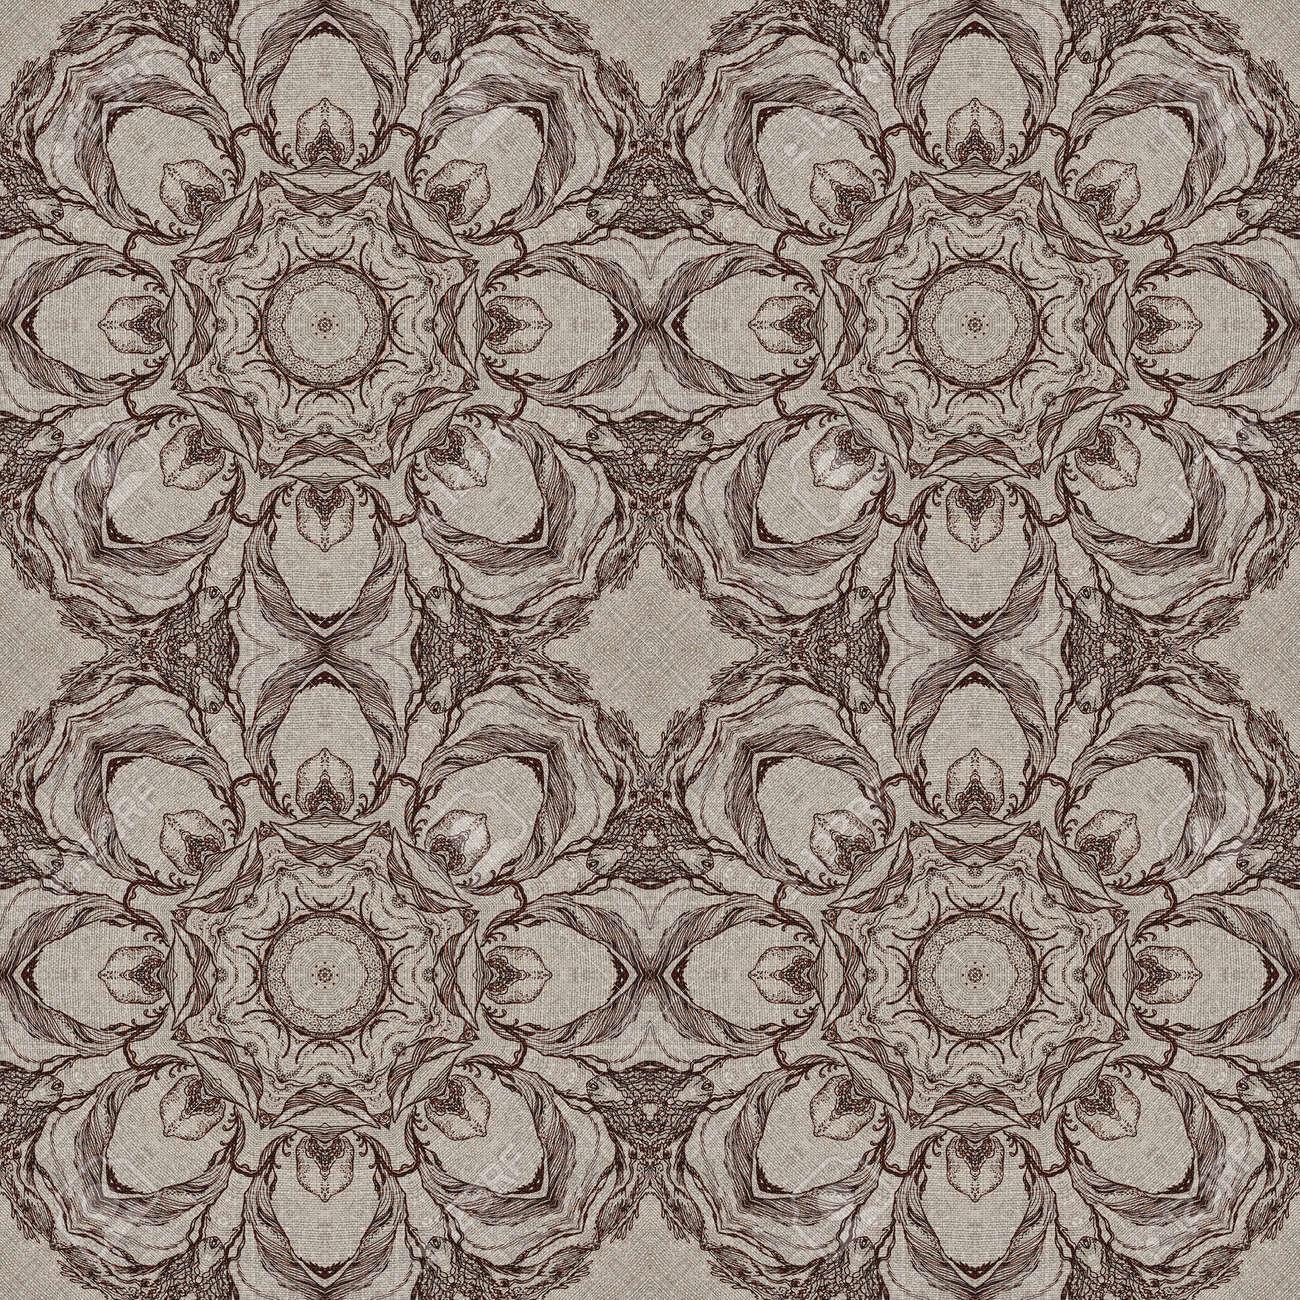 nahtlose knstlerischen hintergrund abstrakte grafische muster auf vintage leinwand standard bild 29183447 - Grafische Muster